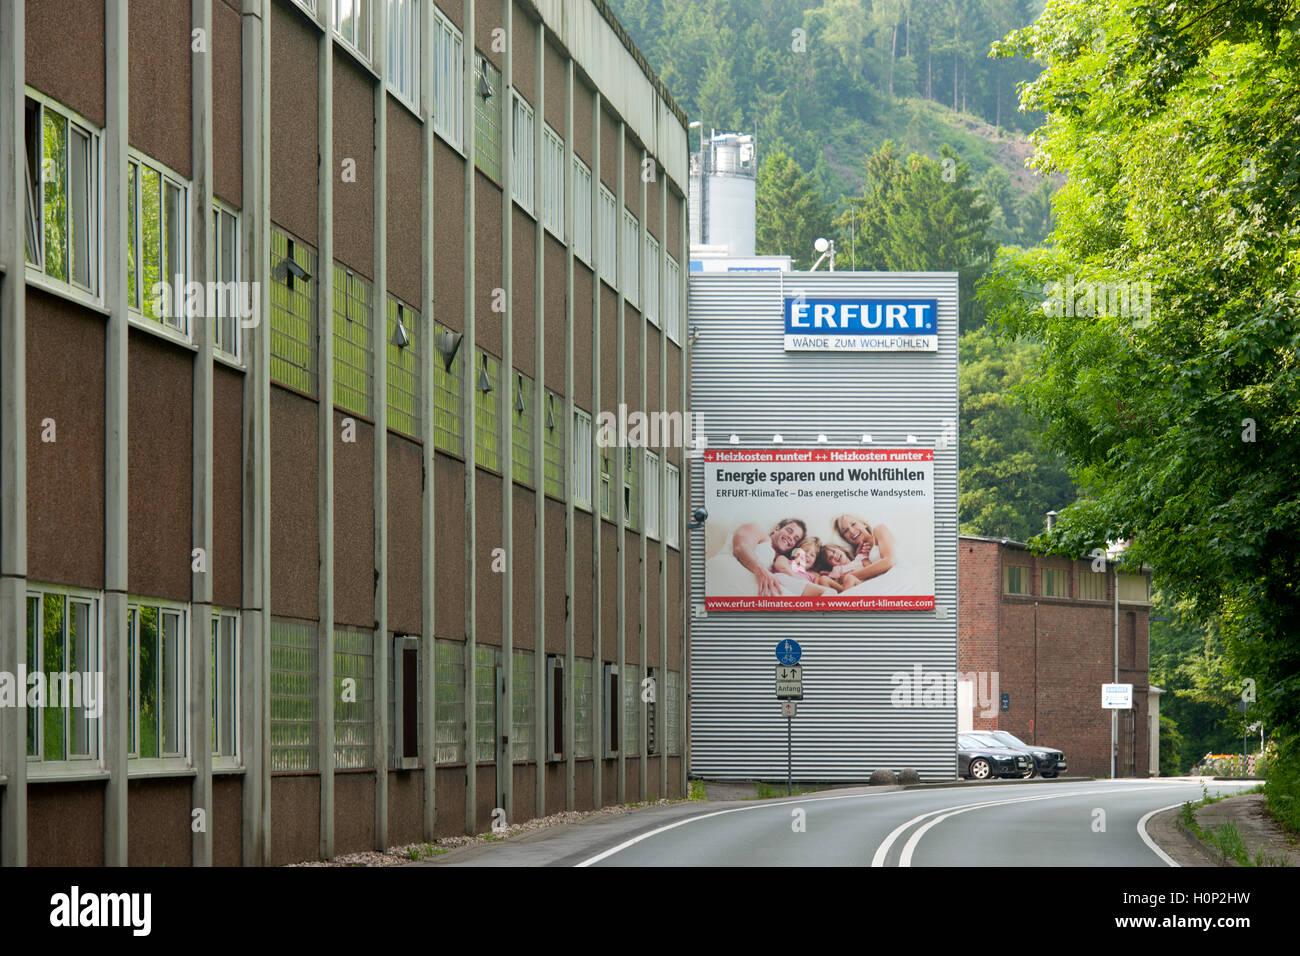 deutschland nordrhein westfalen wuppertal schwelm erfurt sohn stock photo royalty free. Black Bedroom Furniture Sets. Home Design Ideas